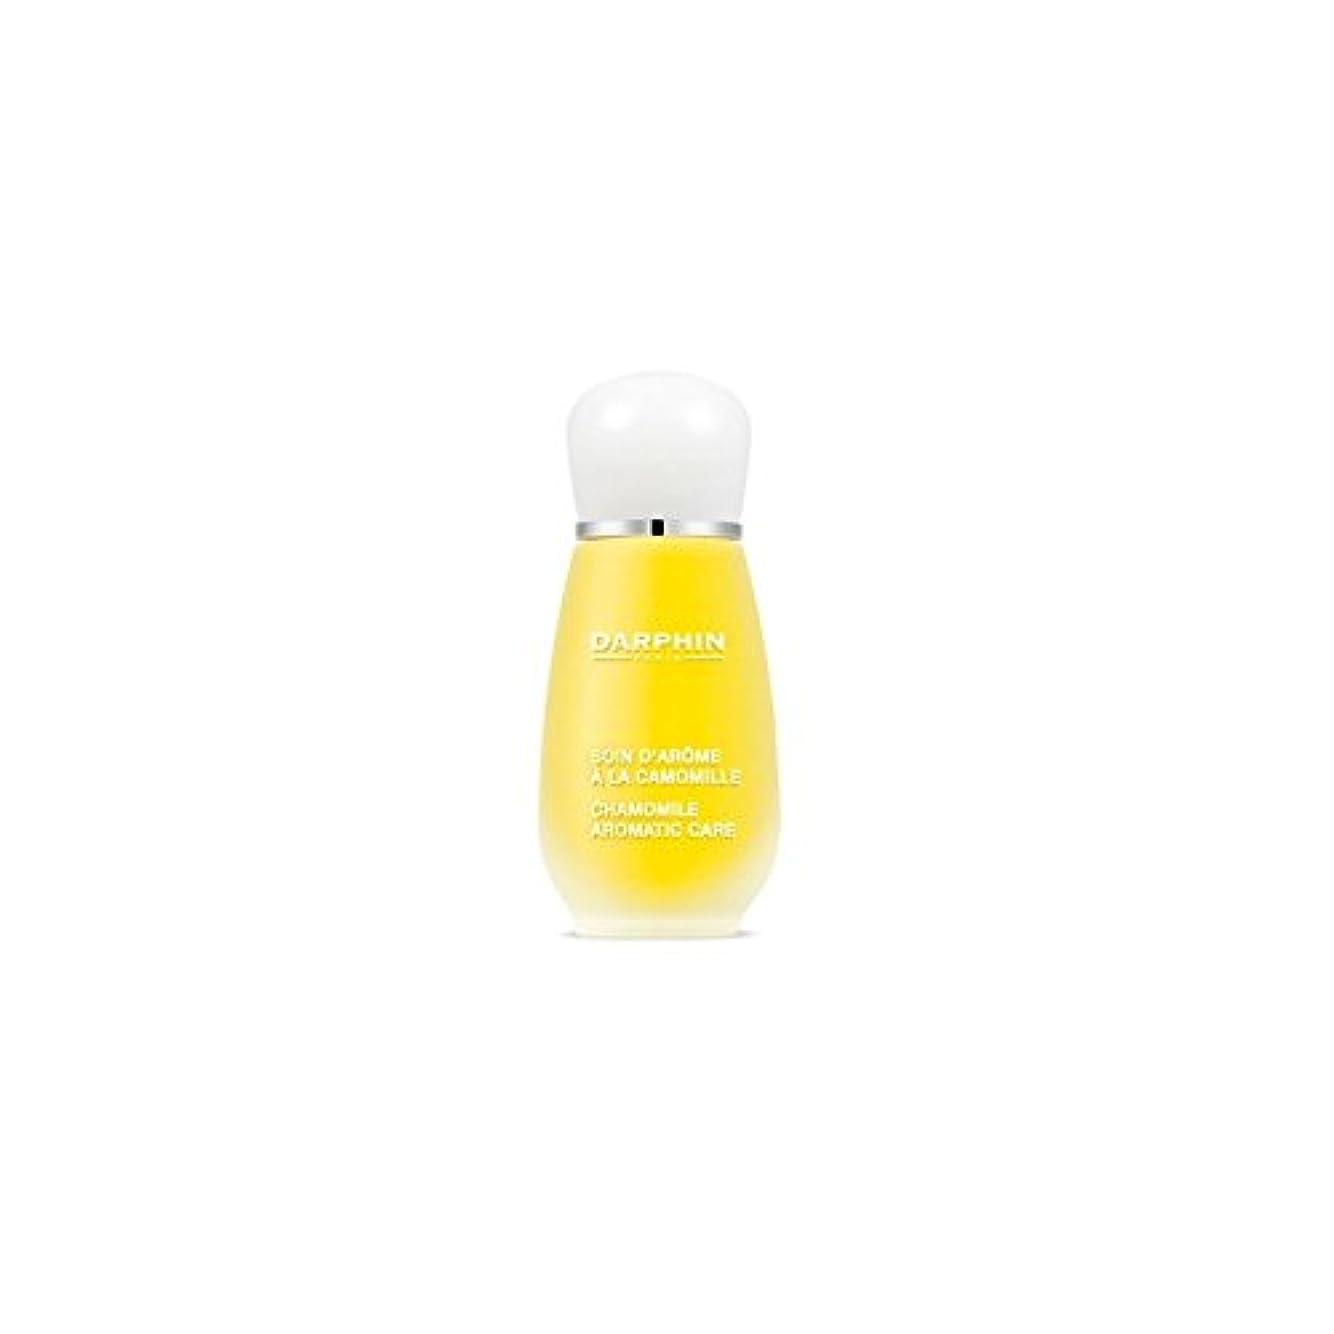 ためにフライカイトゆりDarphin Chamomile Aromatic Care (15ml) - ダルファンカモミール芳香ケア(15ミリリットル) [並行輸入品]